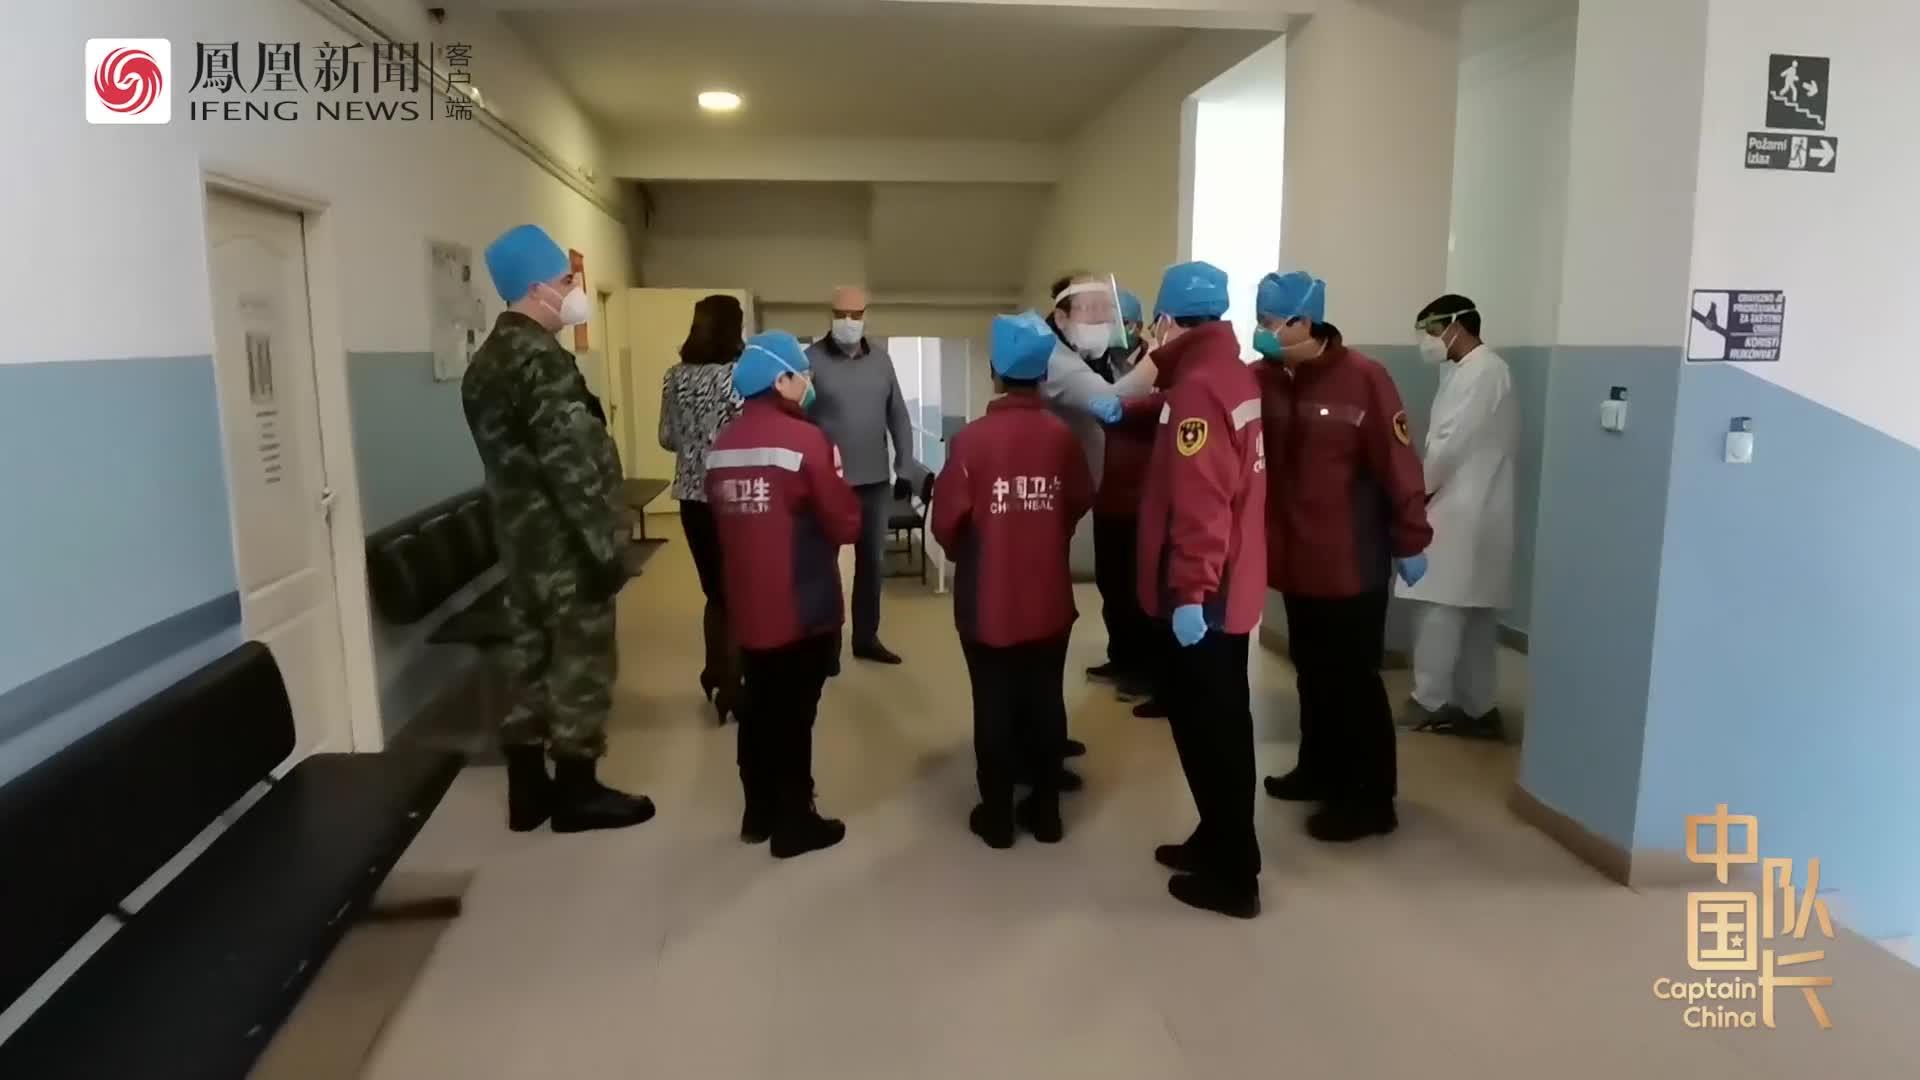 """中国医疗专家抵达塞尔维亚后 这一幕让他们""""不忍直视"""""""